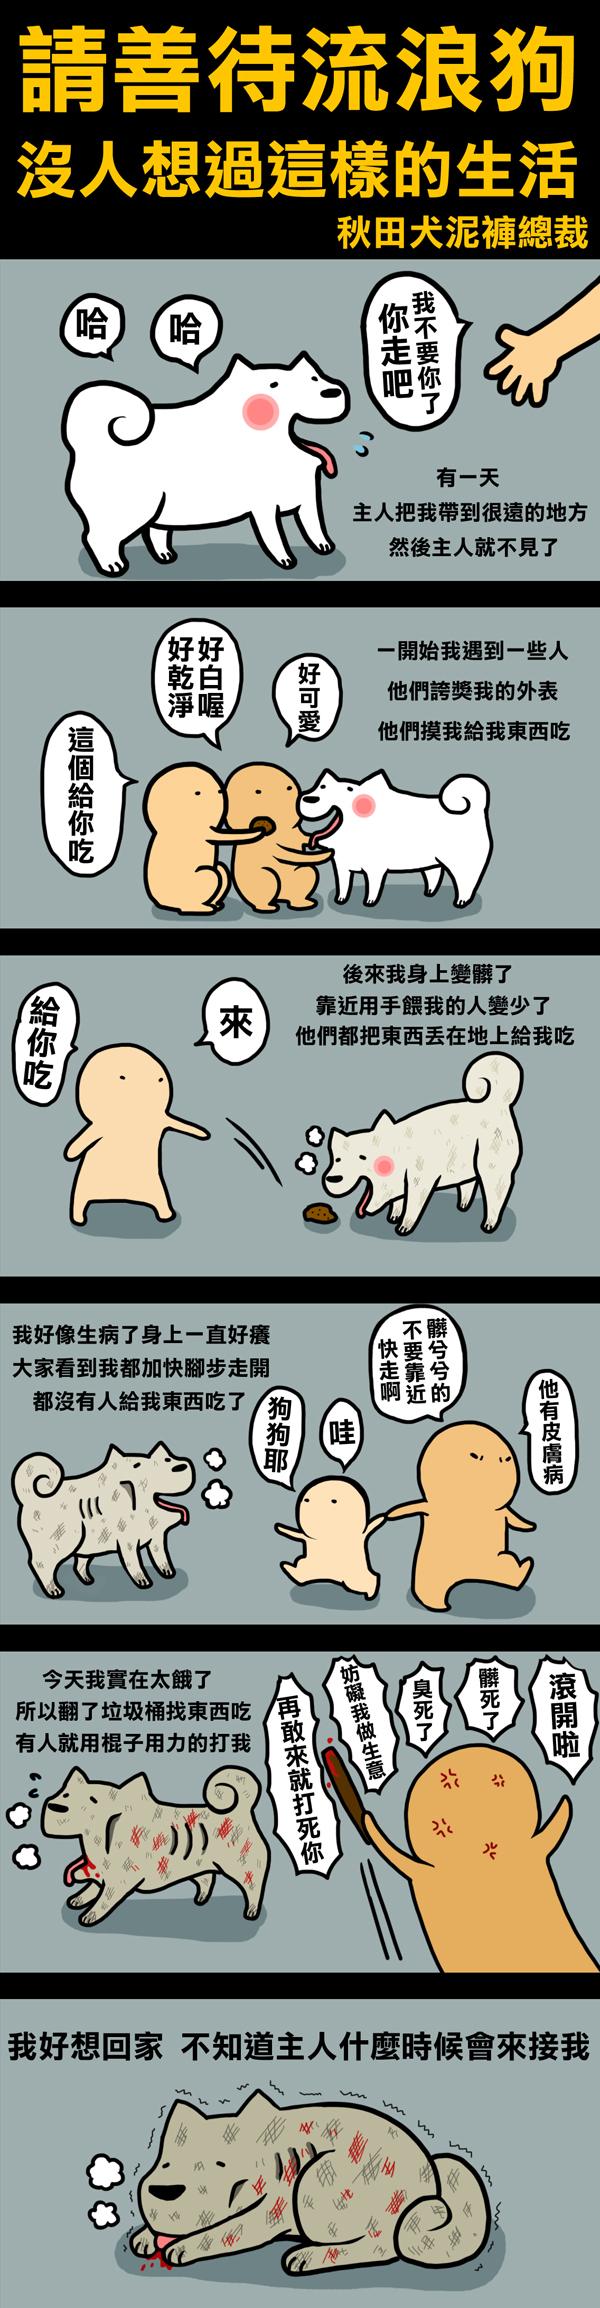 流浪狗.jpg